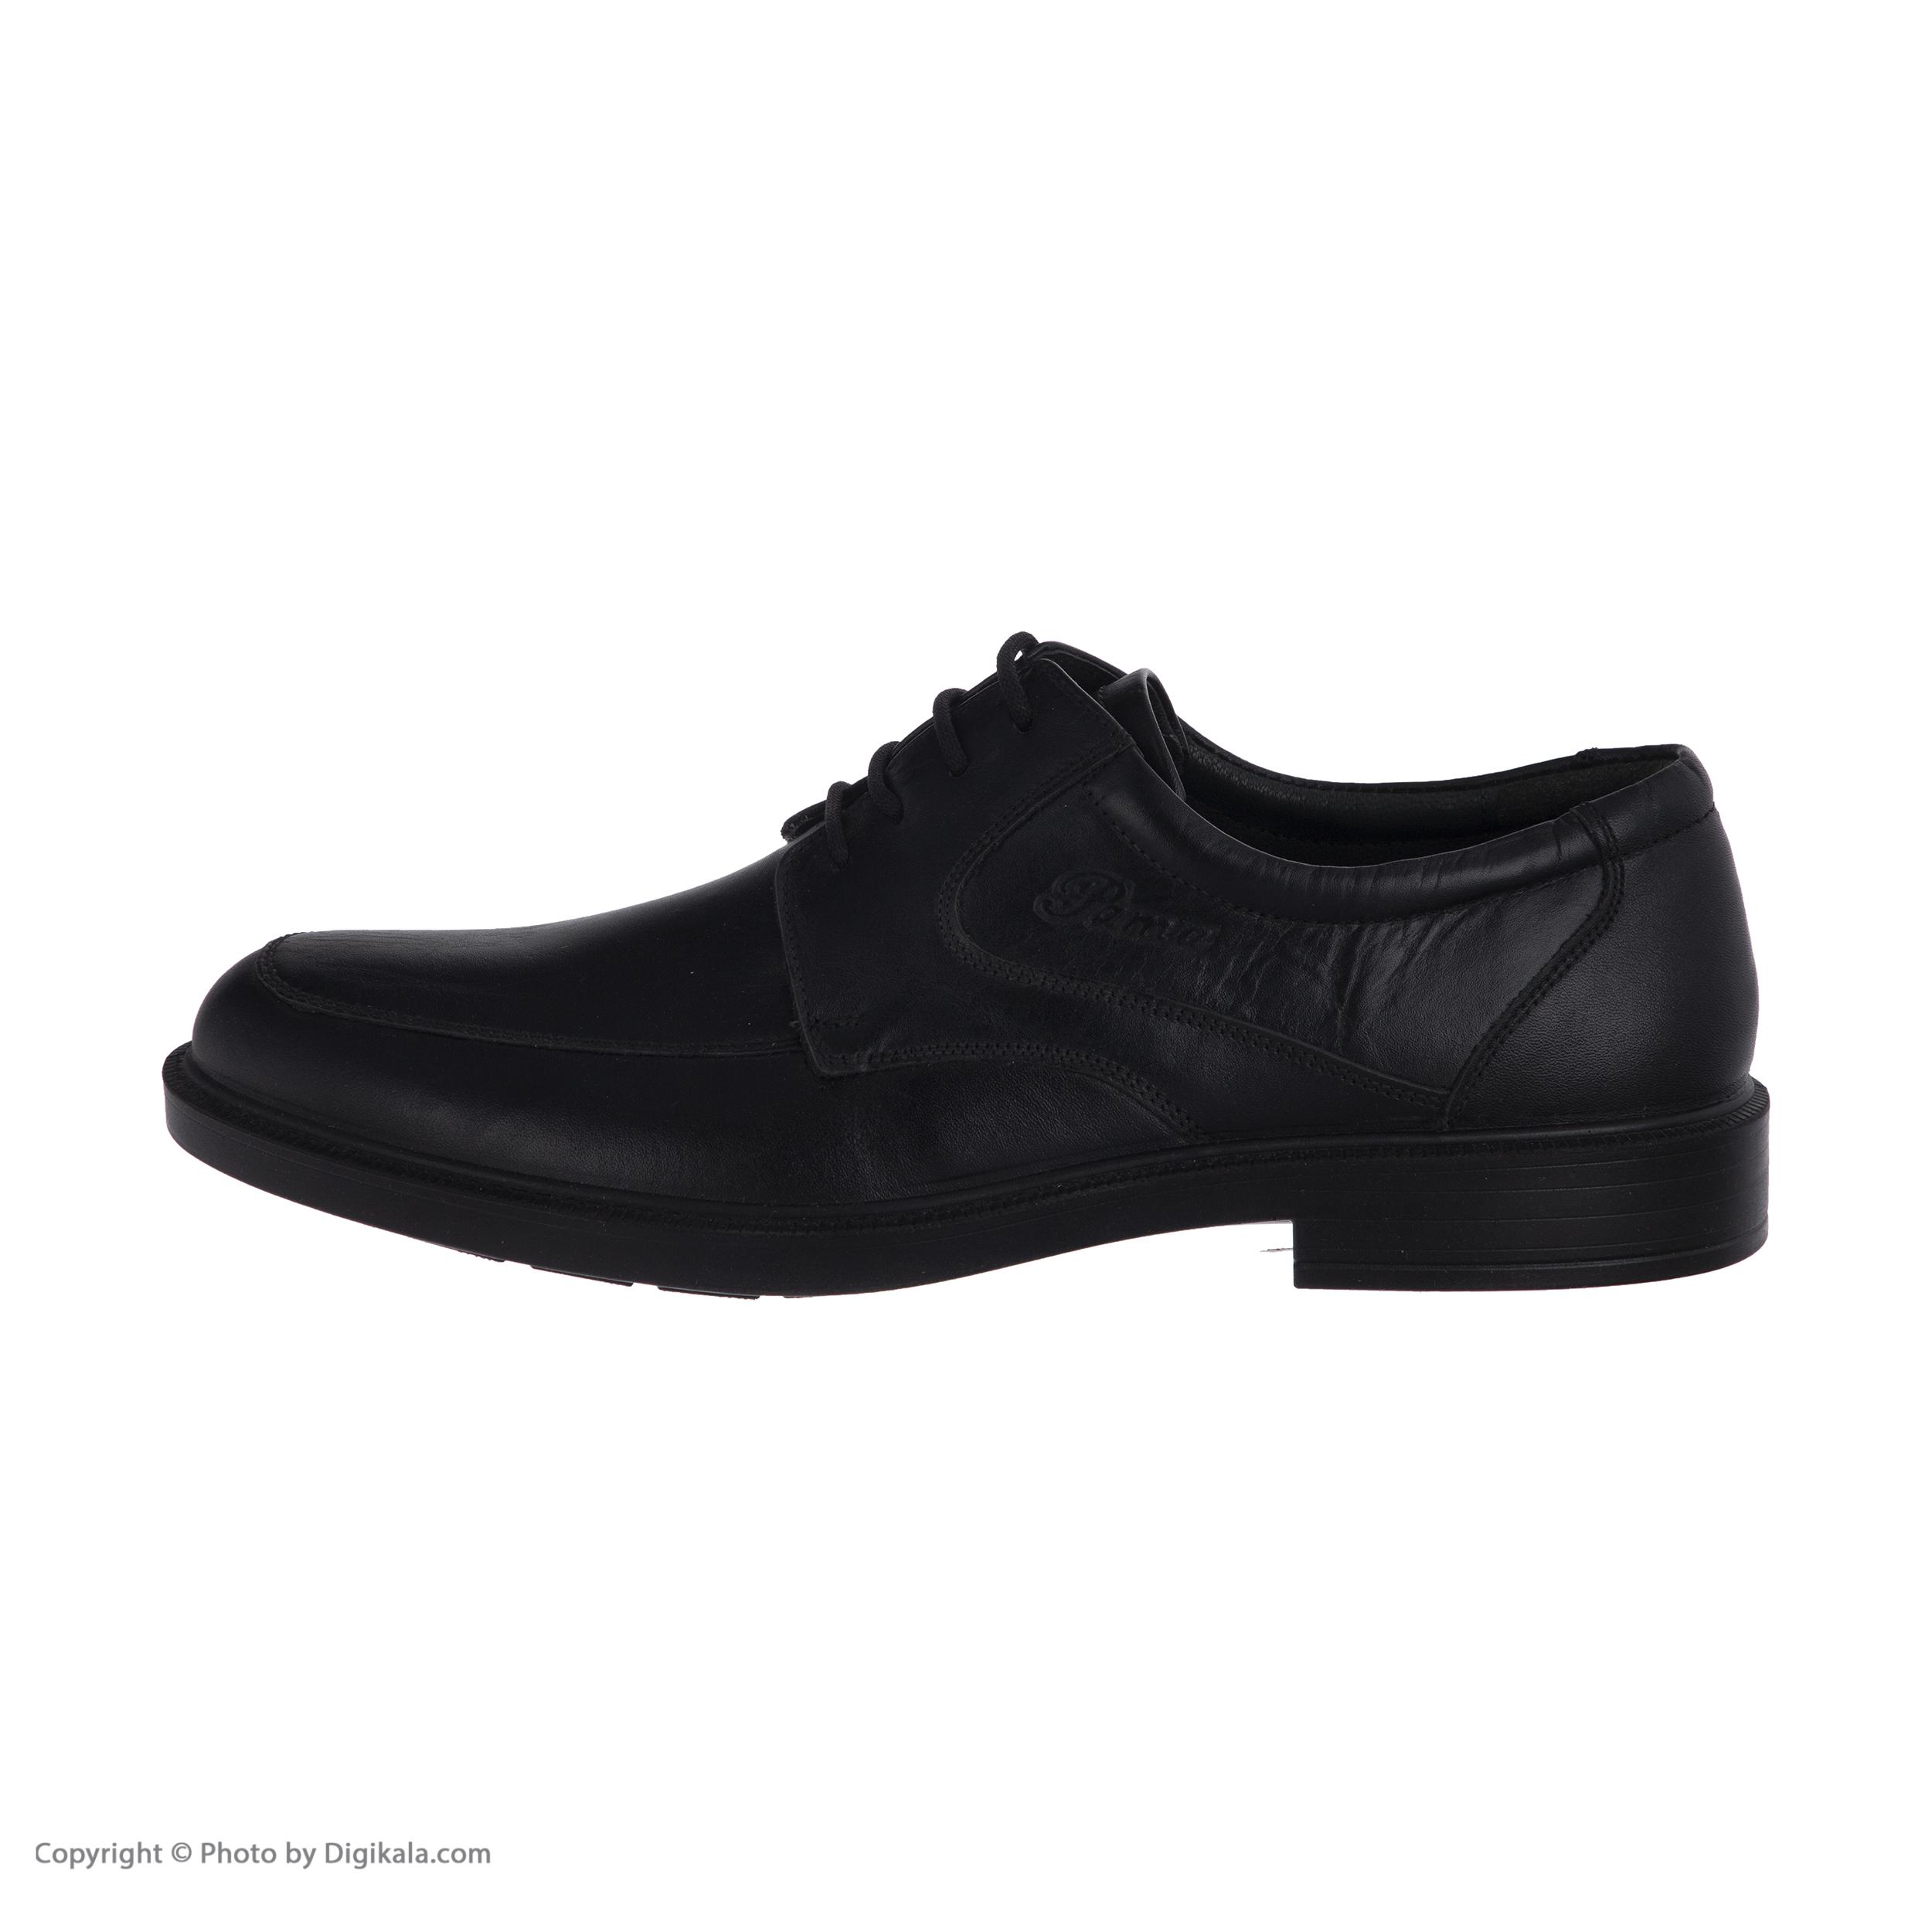 قیمت خرید کفش مردانه پاما مدل 7401B503101 اورجینال